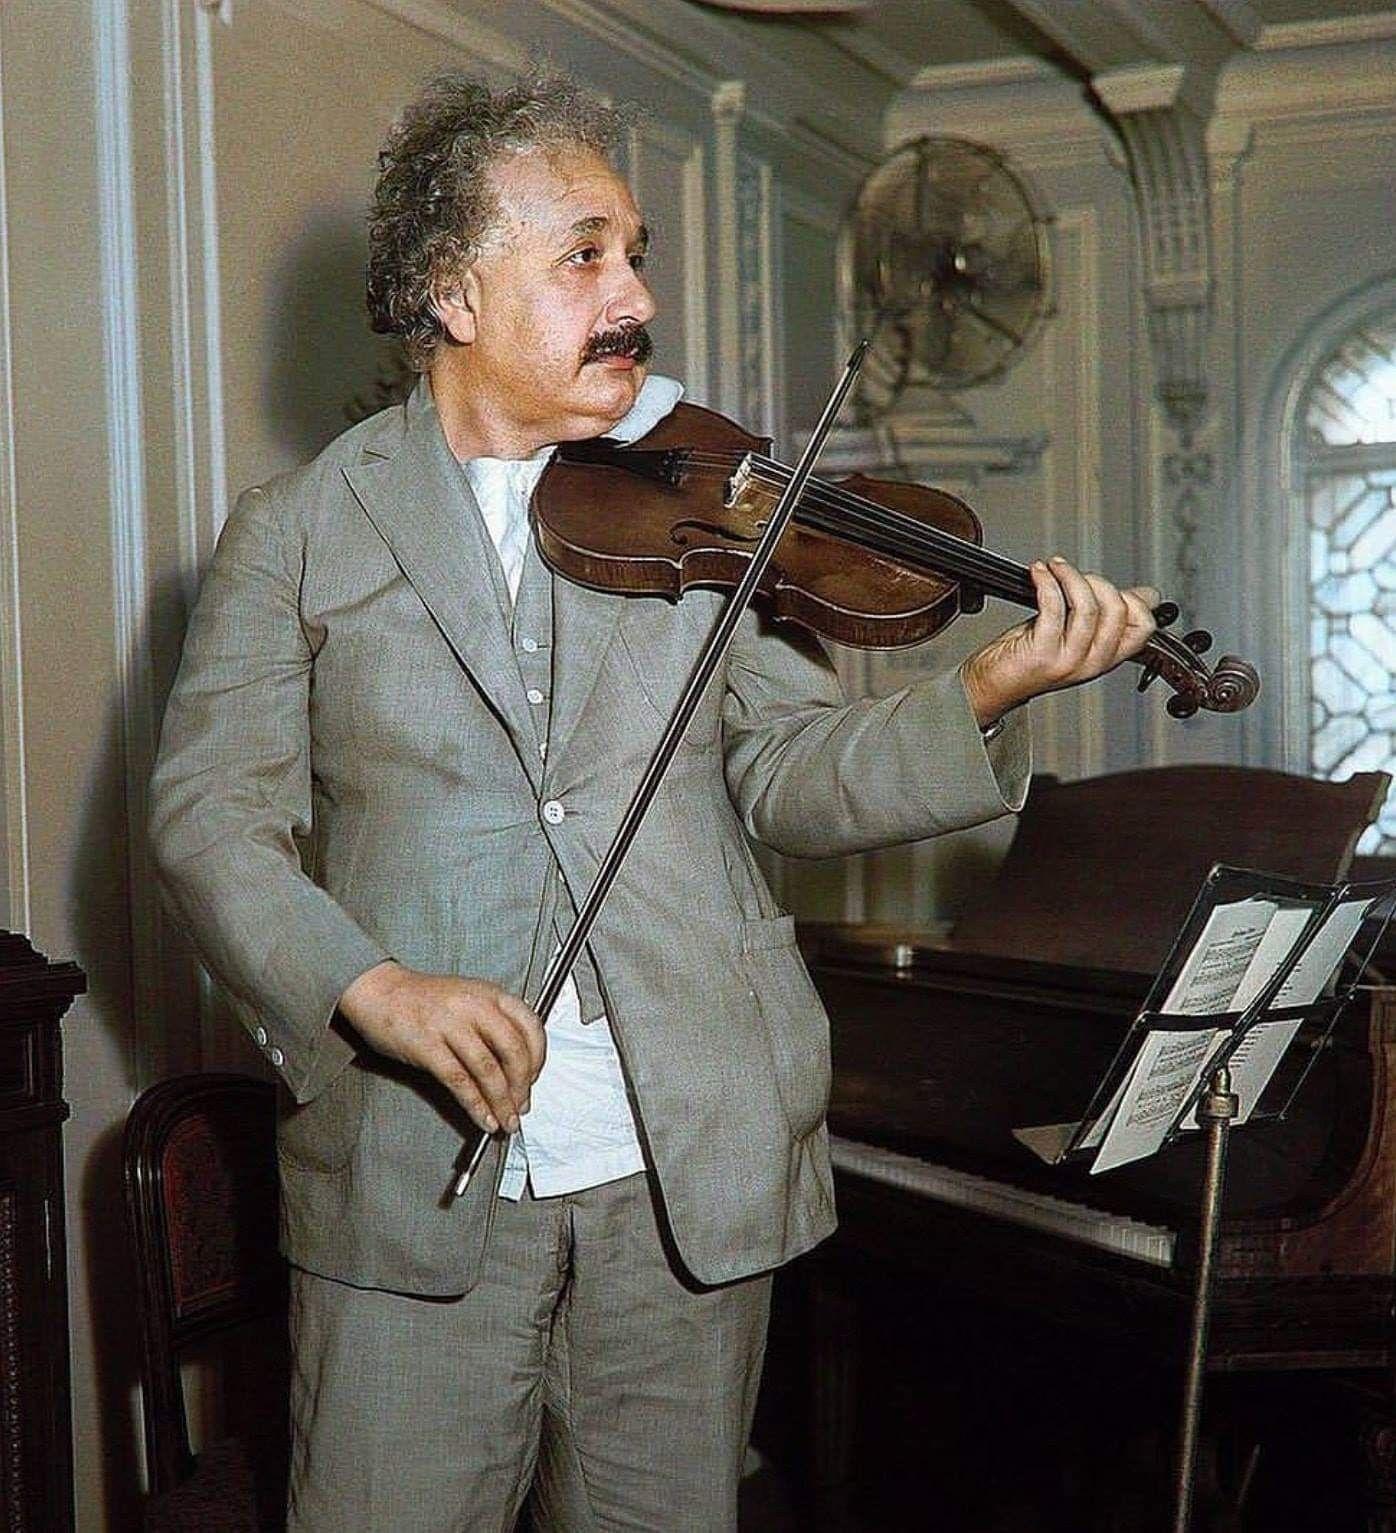 Albert einstein keman çalarken 193p | Einstein, Keman, Müzik